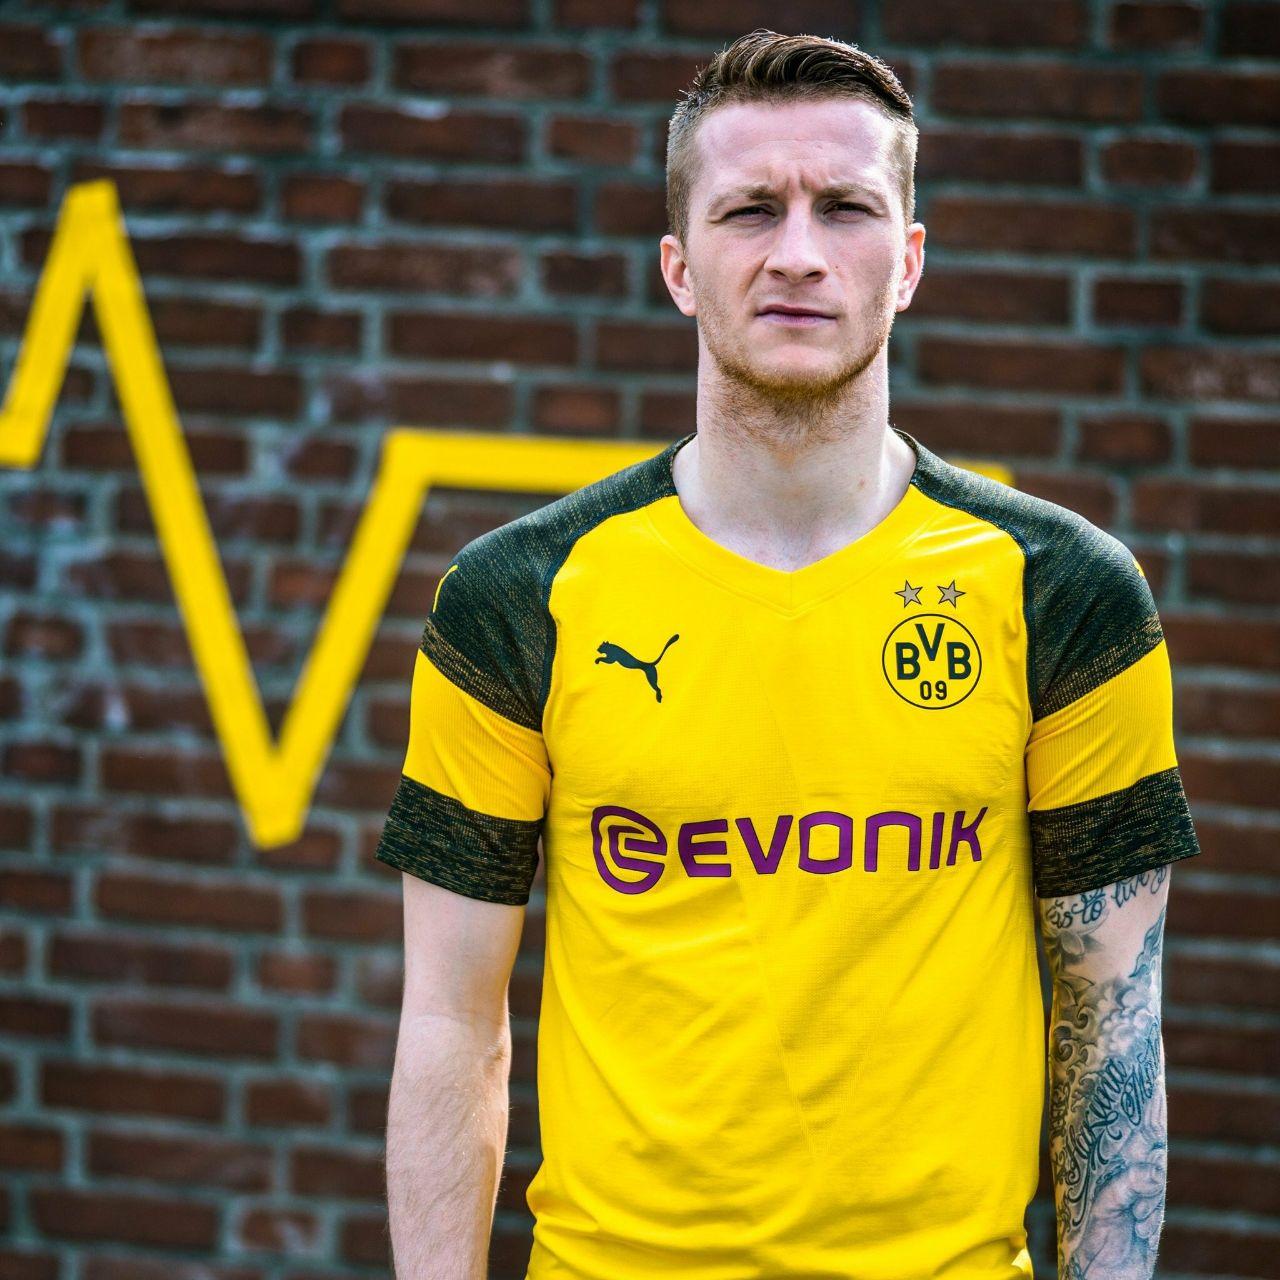 Confira as imagens  Veja imagens da nova camisa do Borussia Dortmund ... e7647acbaa046